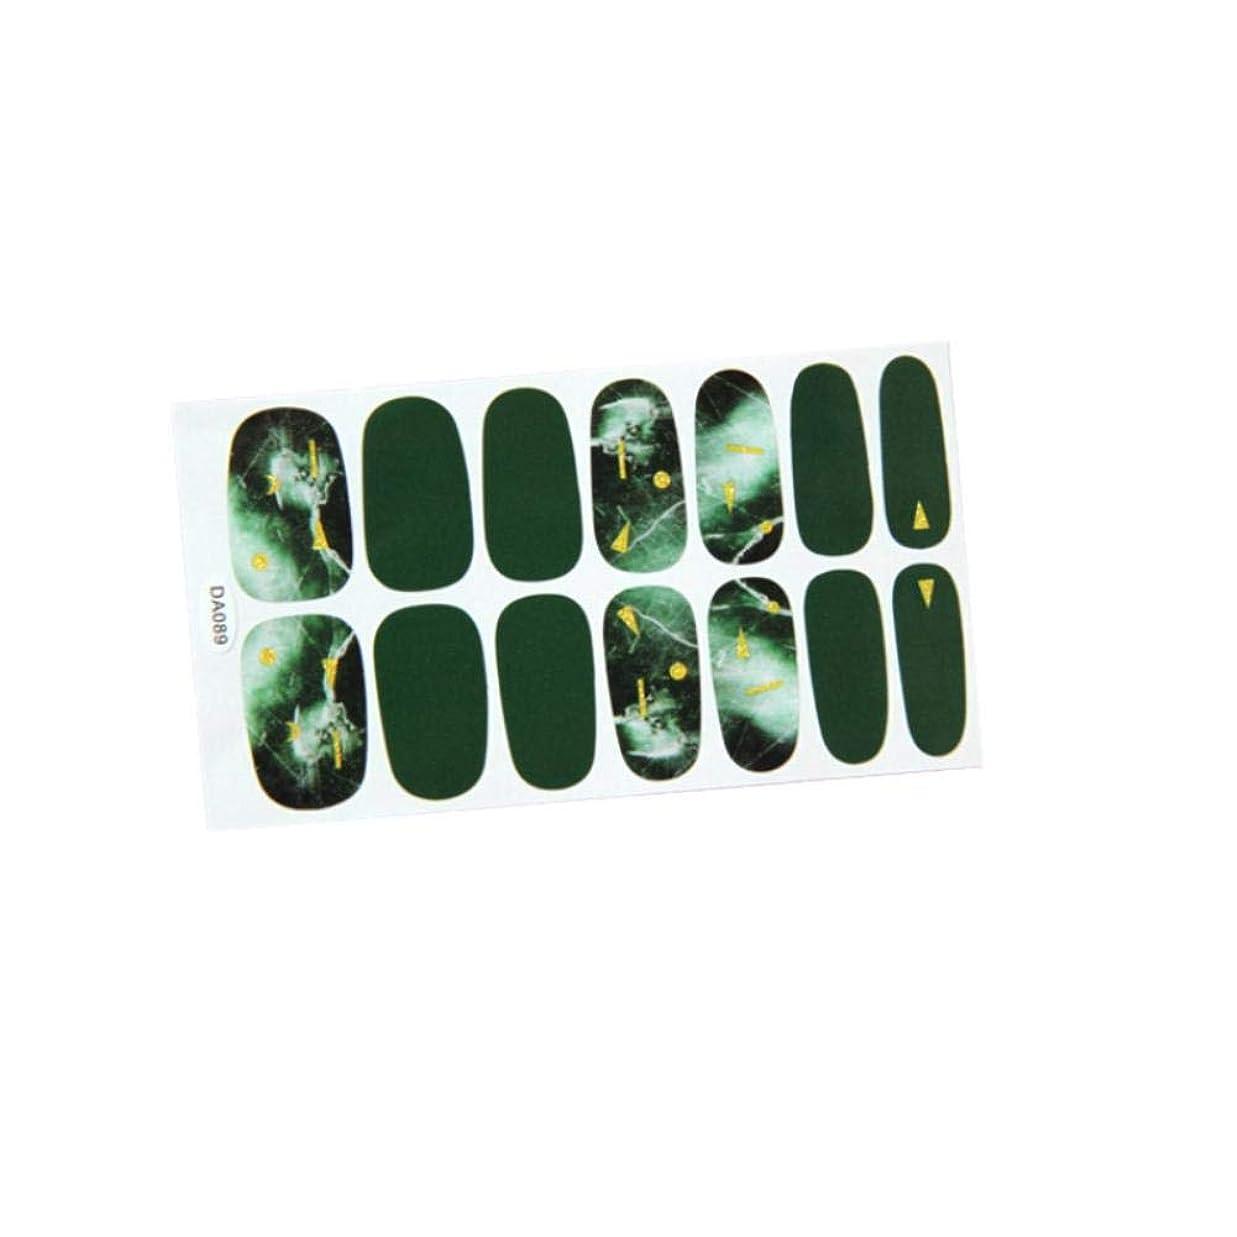 アレルギー性疎外するスキャンPoonikuuネイル用品 DIYネイル 貼るだけマニキュア ネイルステッカー ネイルアートアクセサリー ネイルシール ファション可愛い綺麗 10枚セット